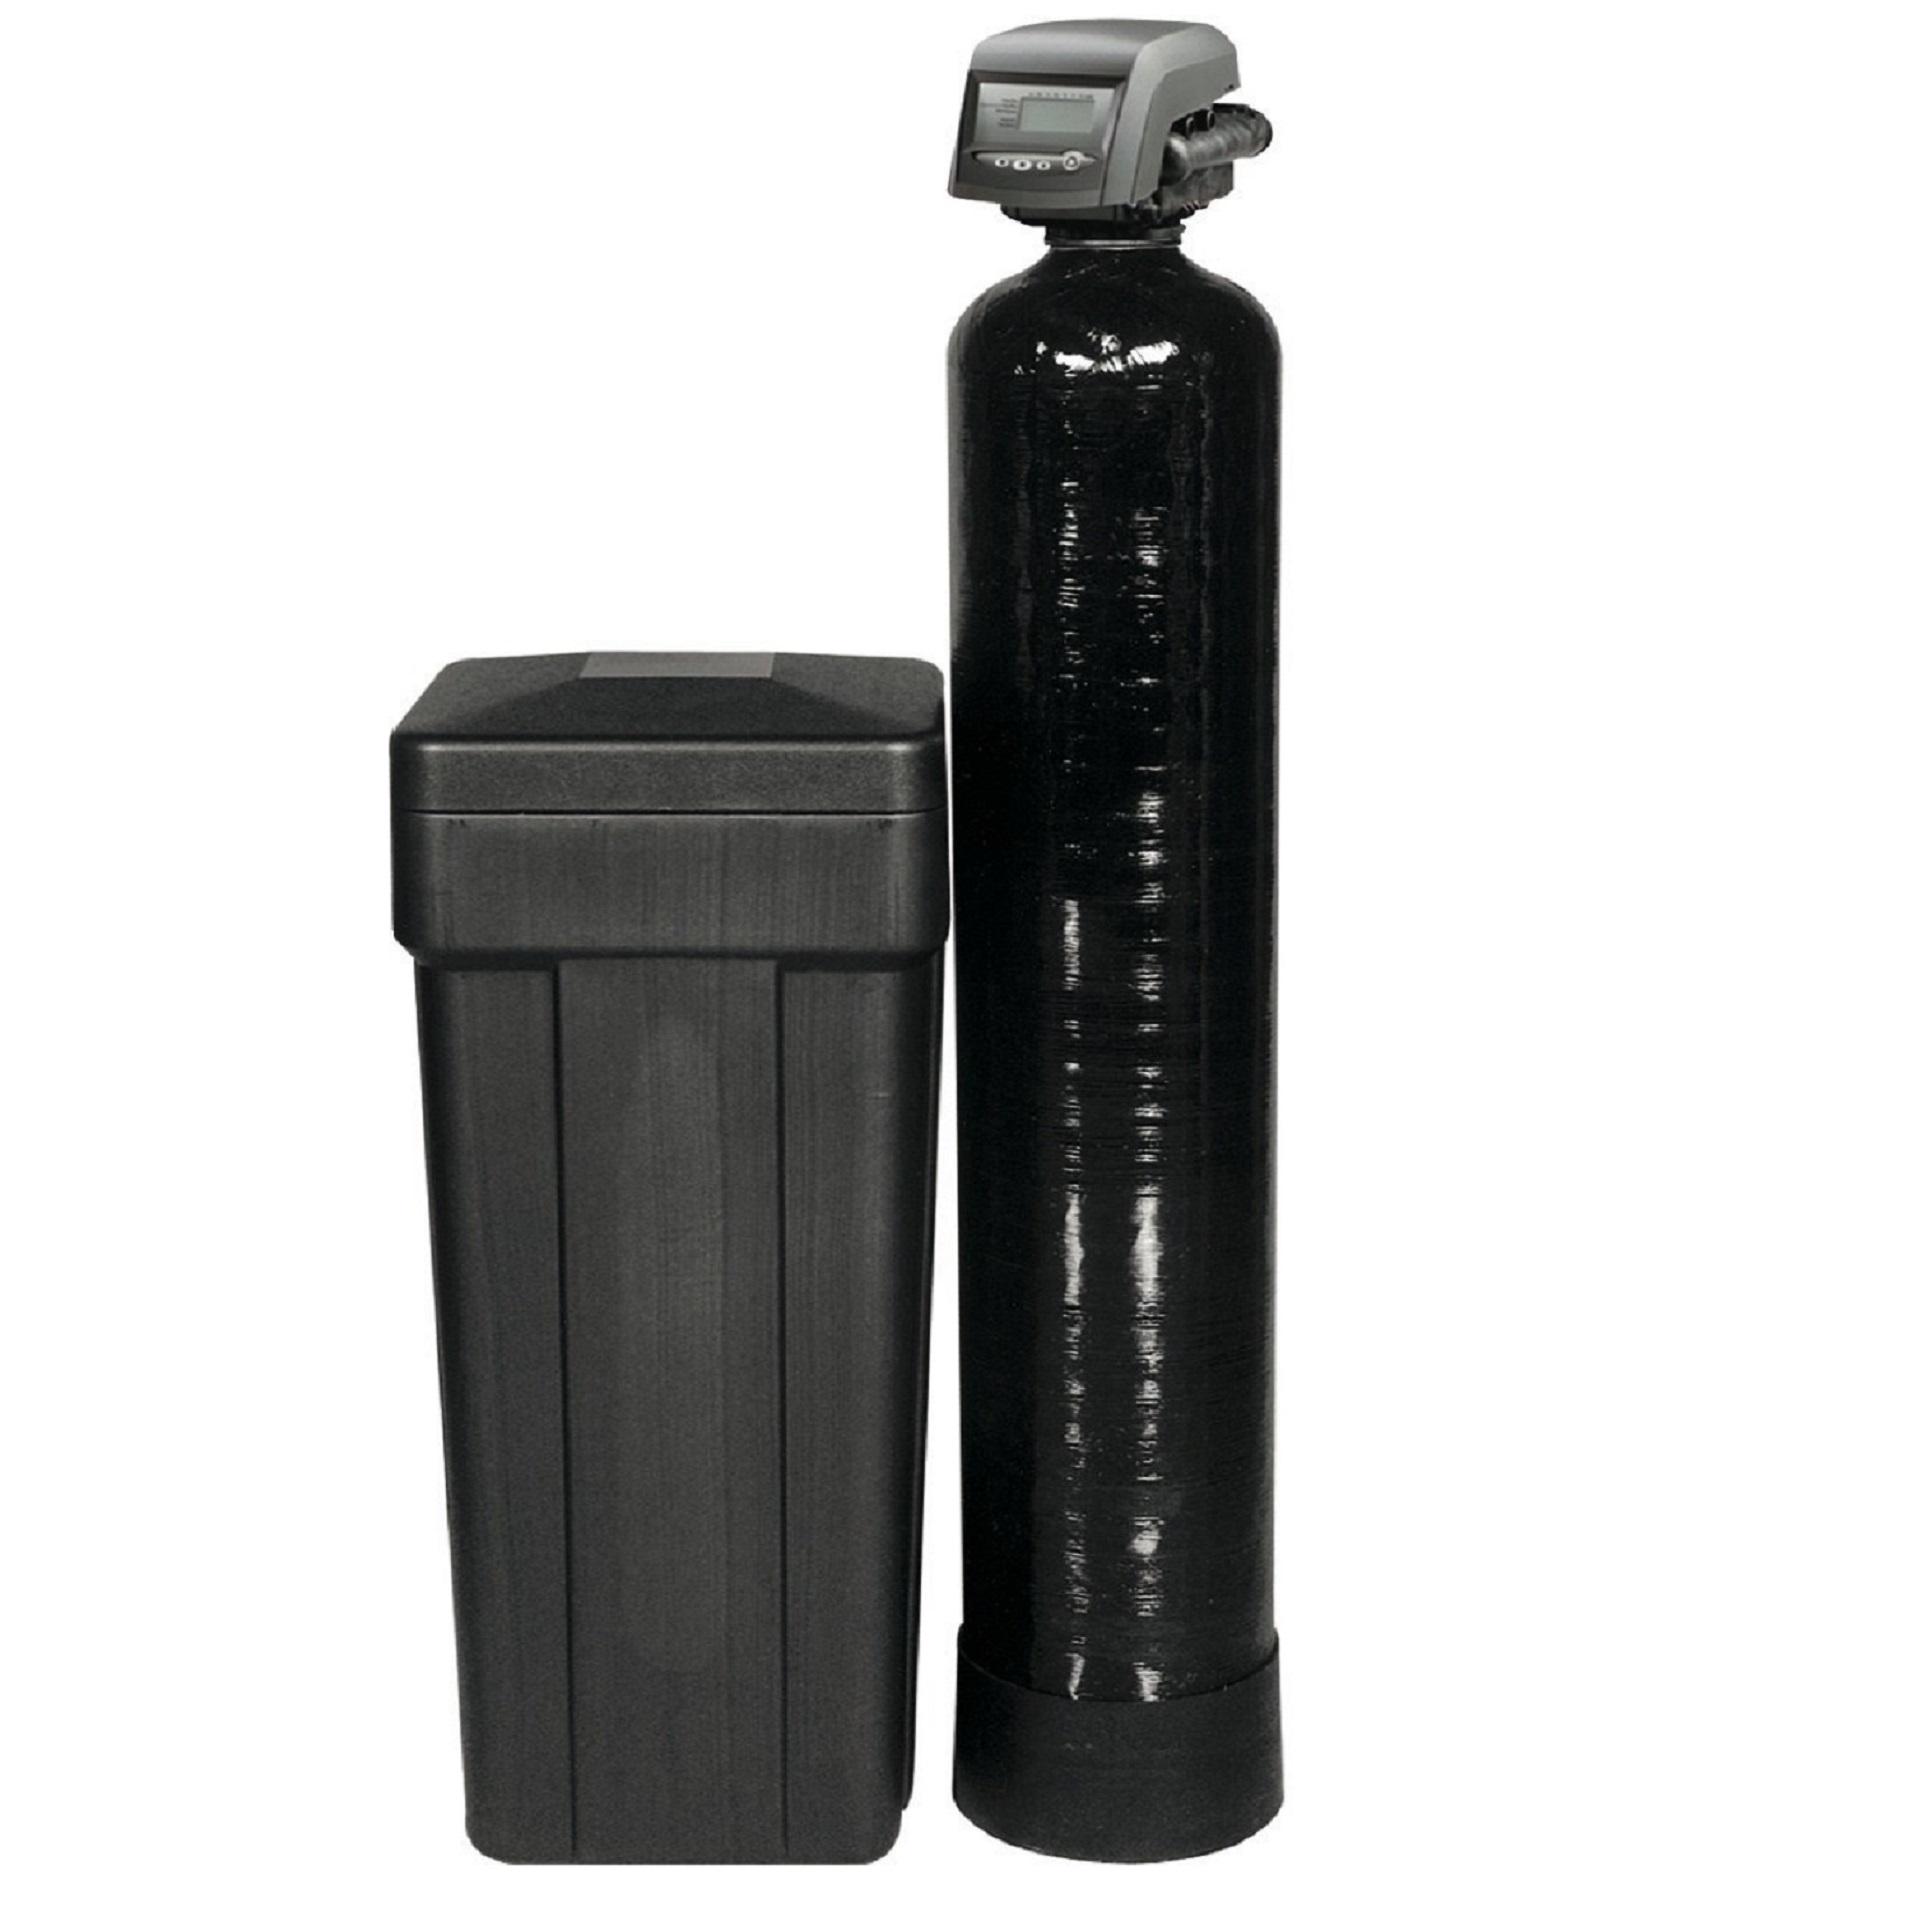 Valumax Pentair 255 760 Logix 30 000 Grain Water Softener